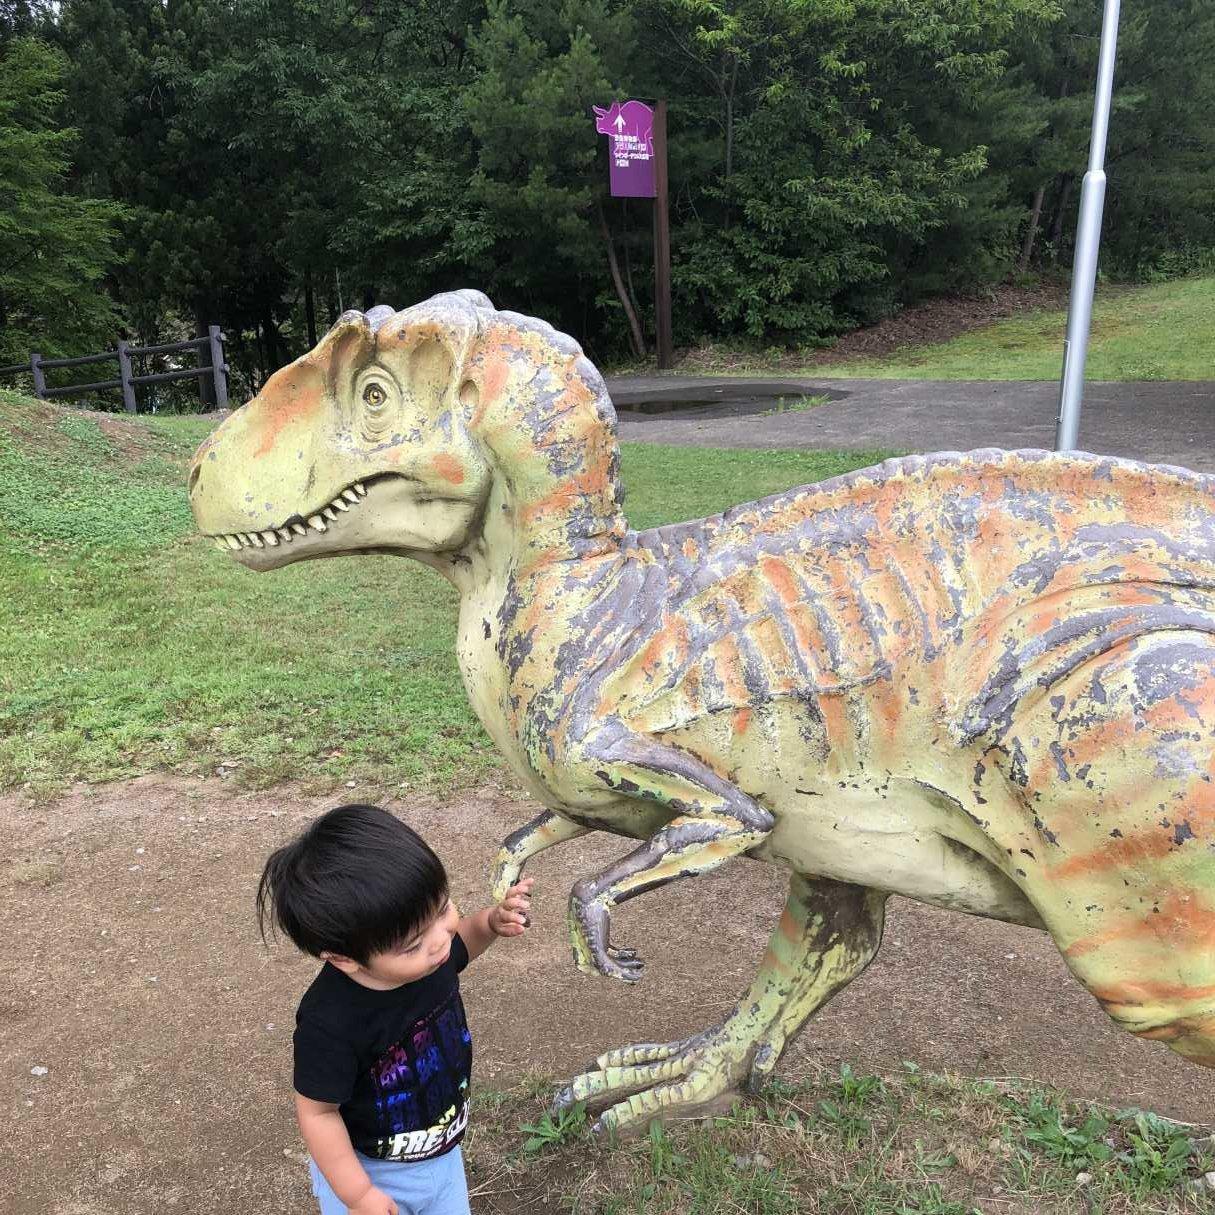 福井県立恐竜博物館外の恐竜